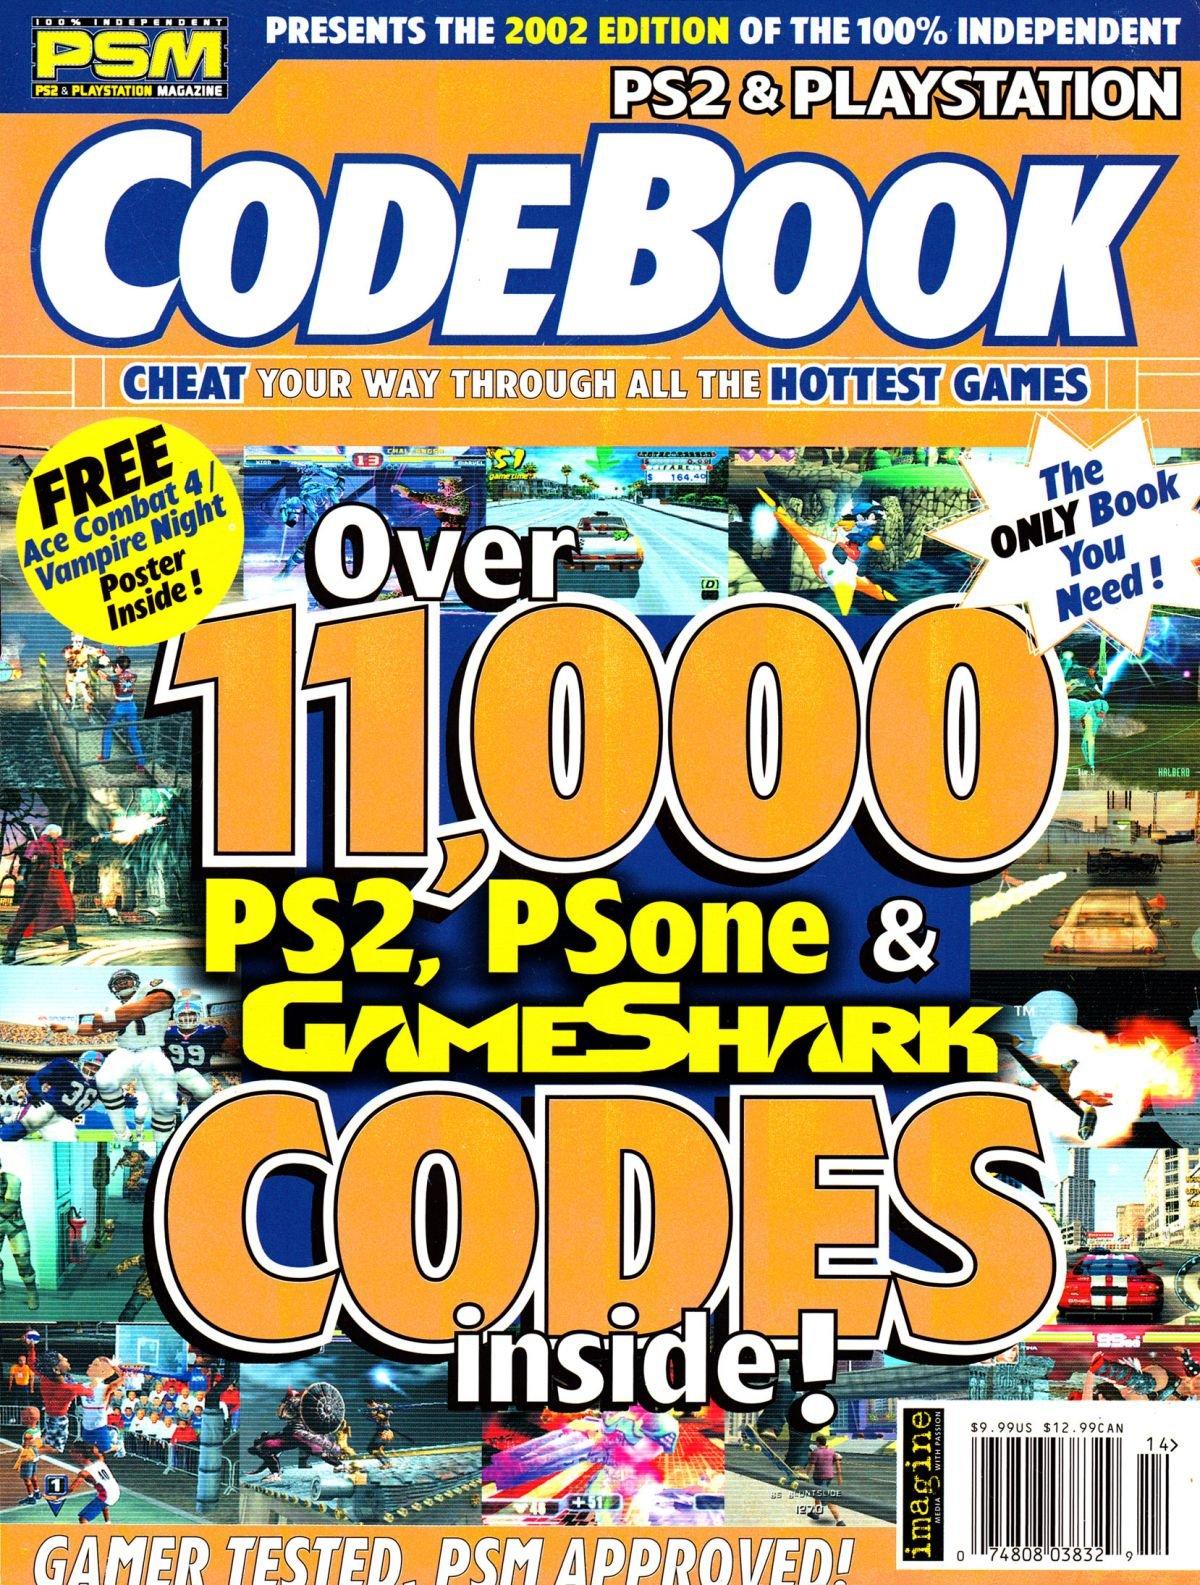 PSM Codebook 2002